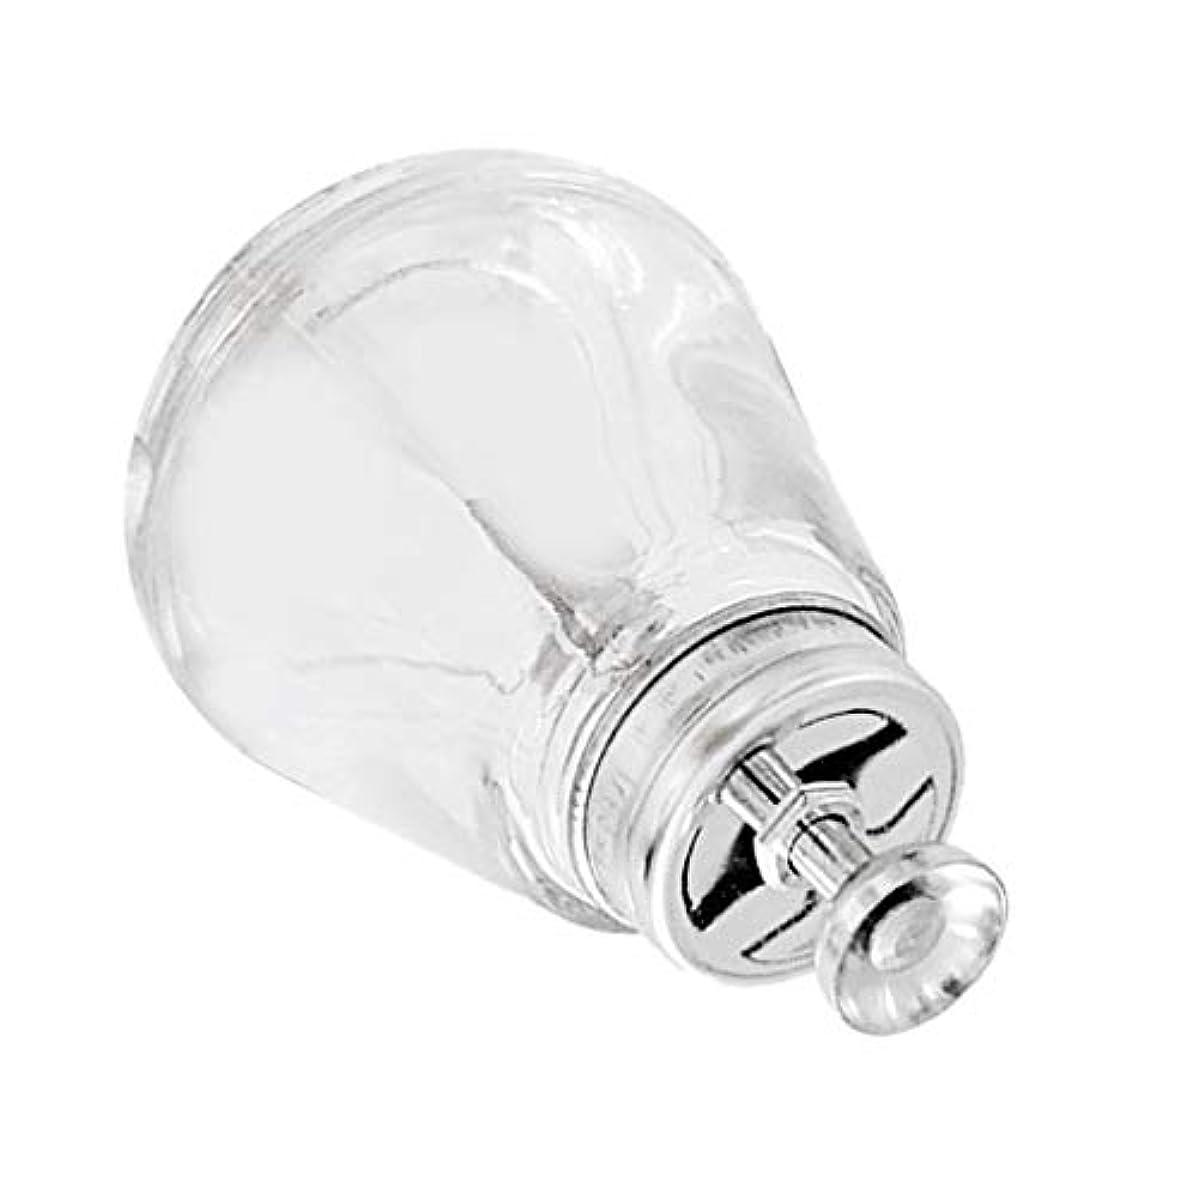 薬を飲む書き出すリーンPerfeclan ポンプボトル オイル ネイルアート マニキュアリムーバー 150mL アルコールポンプボトル ロック可能